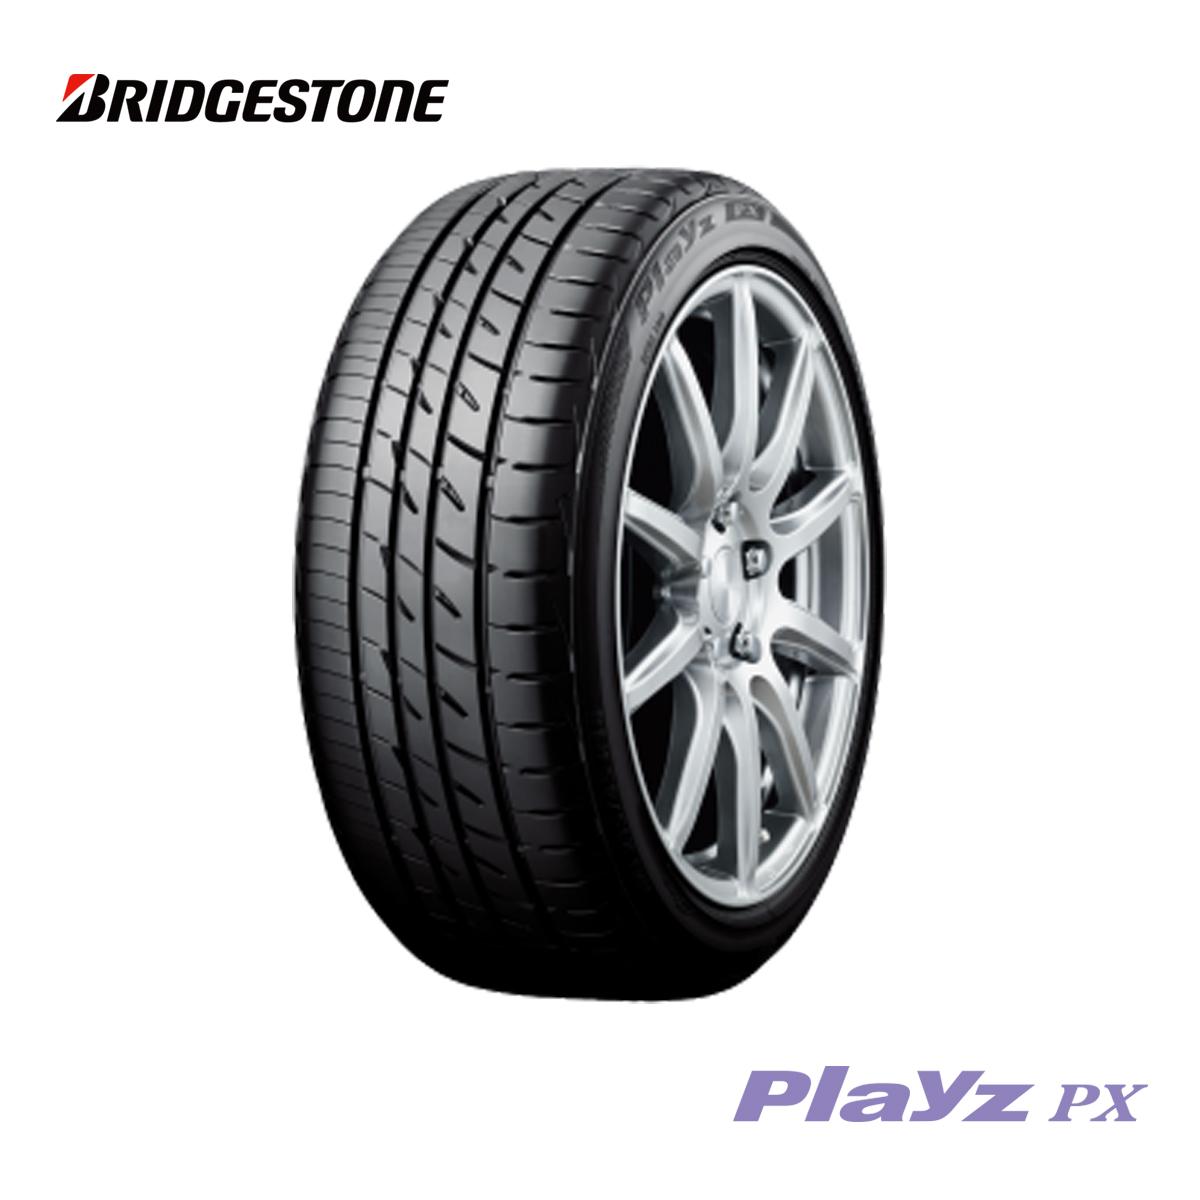 ブリヂストン BS 18インチ タイヤ 235/45R18 235 45 18 94W プレイズ サマー タイヤ 4本 94W 低燃費 エコ 夏 セダン クーペ BRIDGESTONE Playz PX